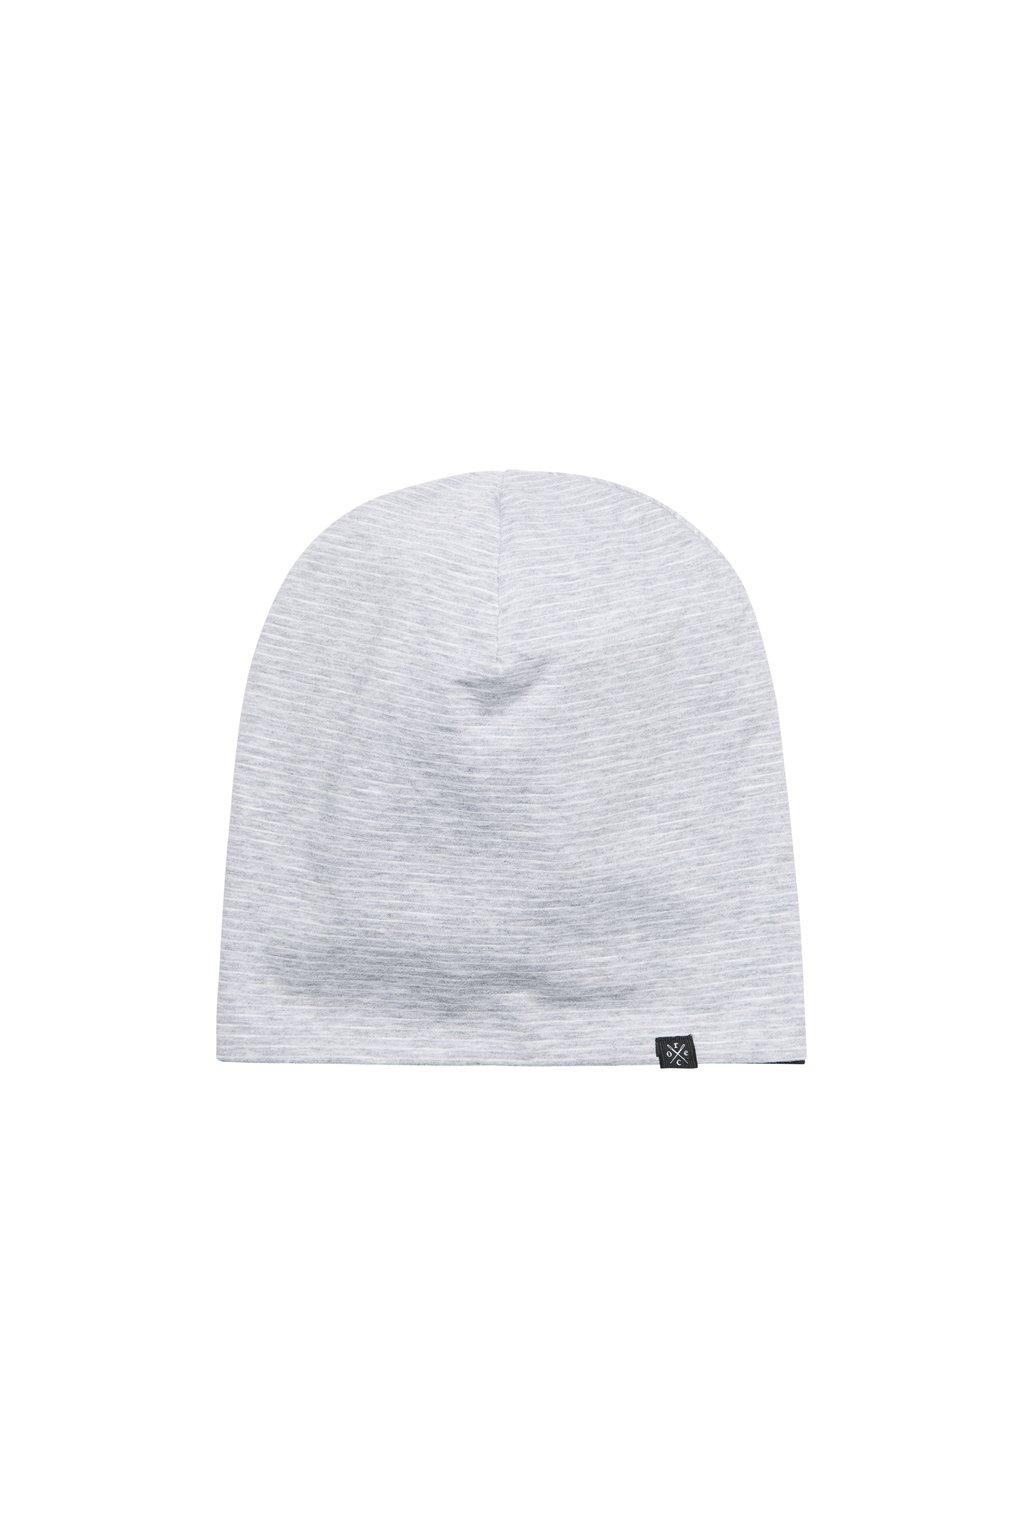 Jednoduchá obojstranná čapica - šedá/krémová